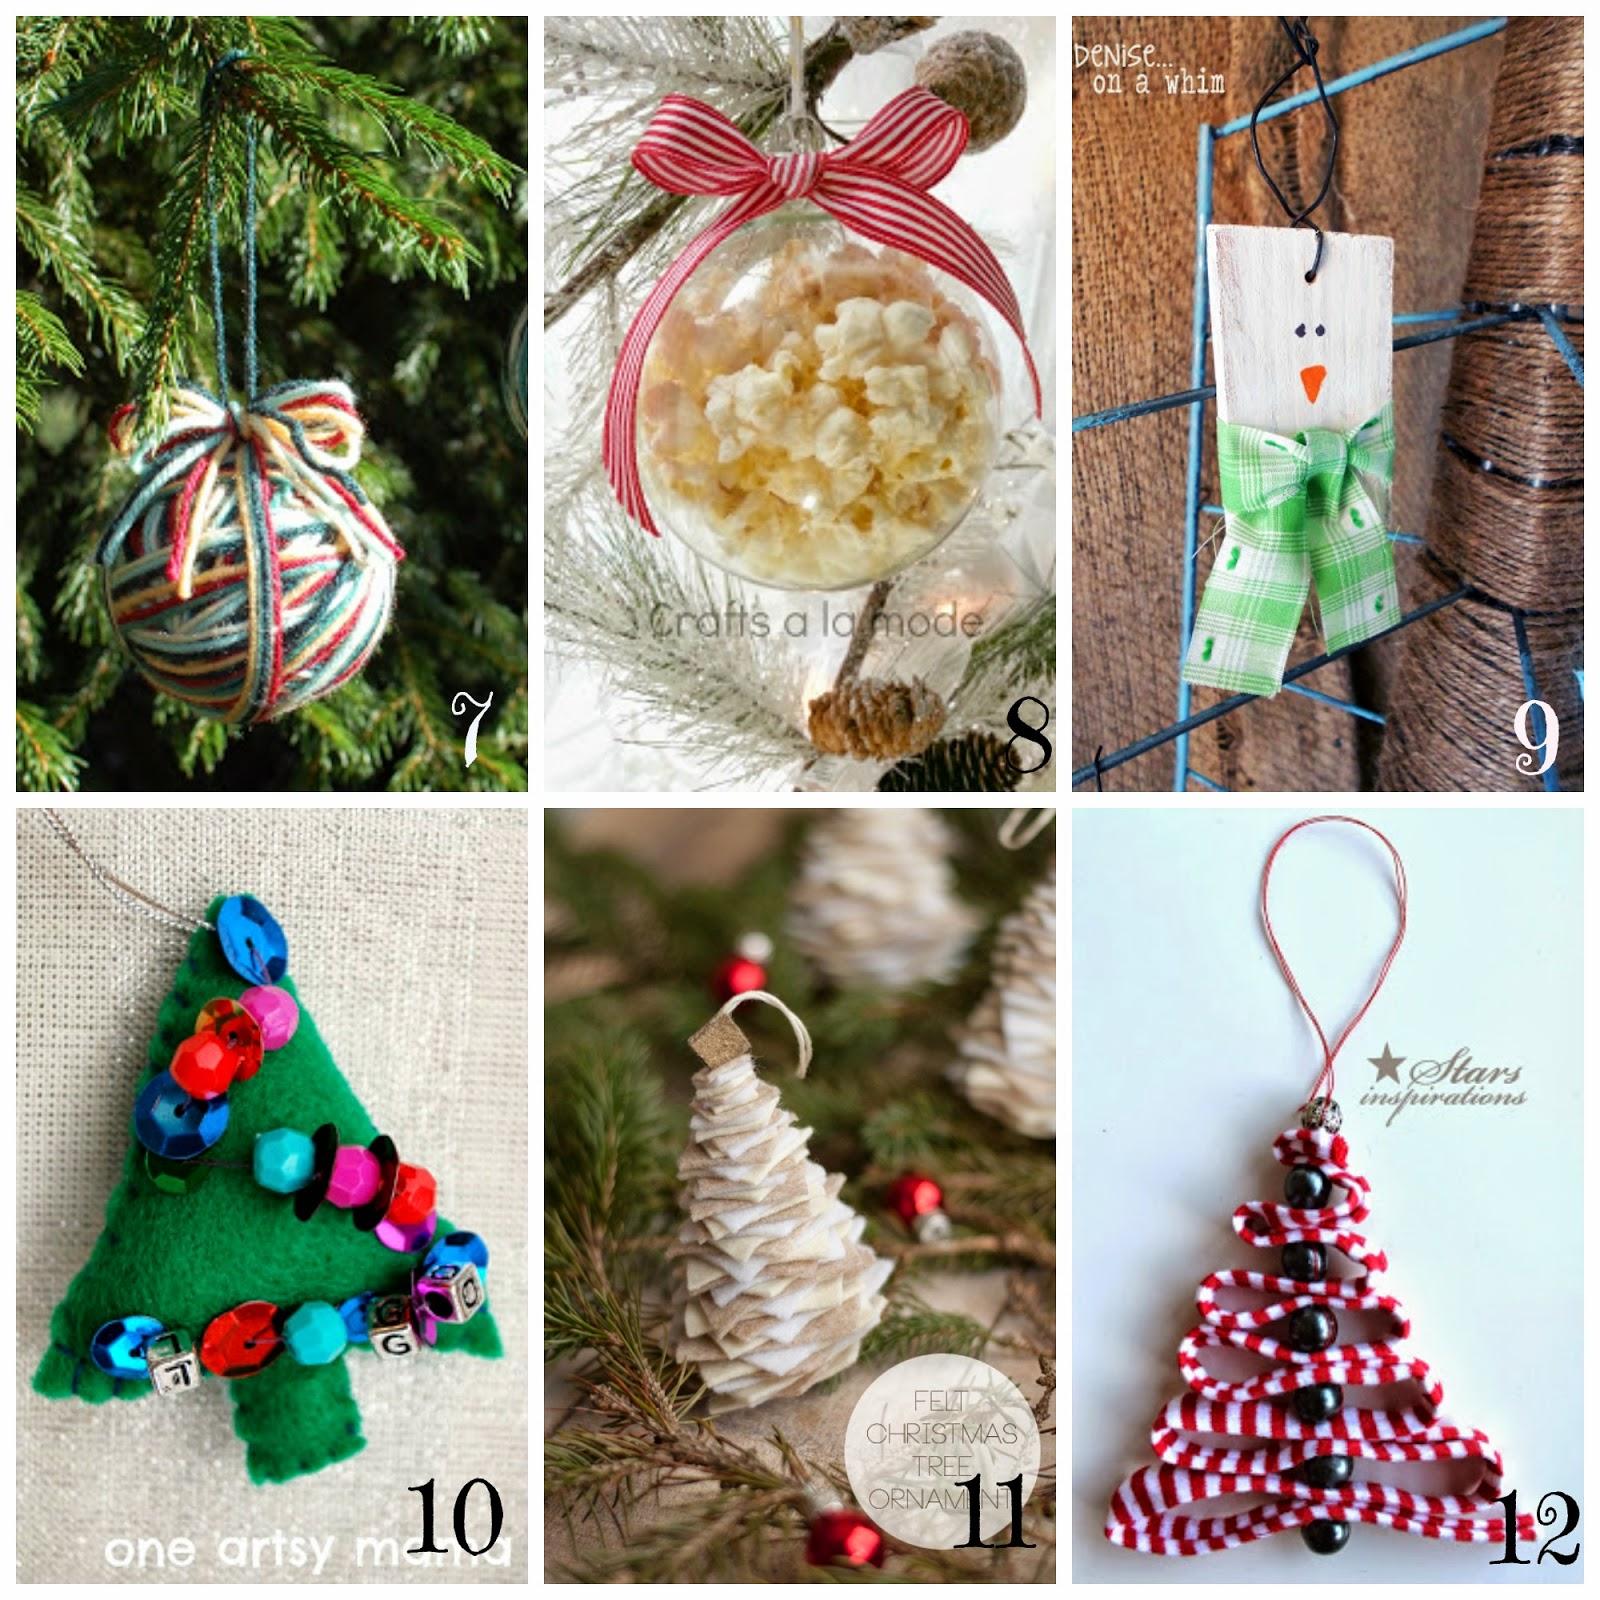 decorazioni per l'albero di natale fai da te- 12 tutorial semplici e